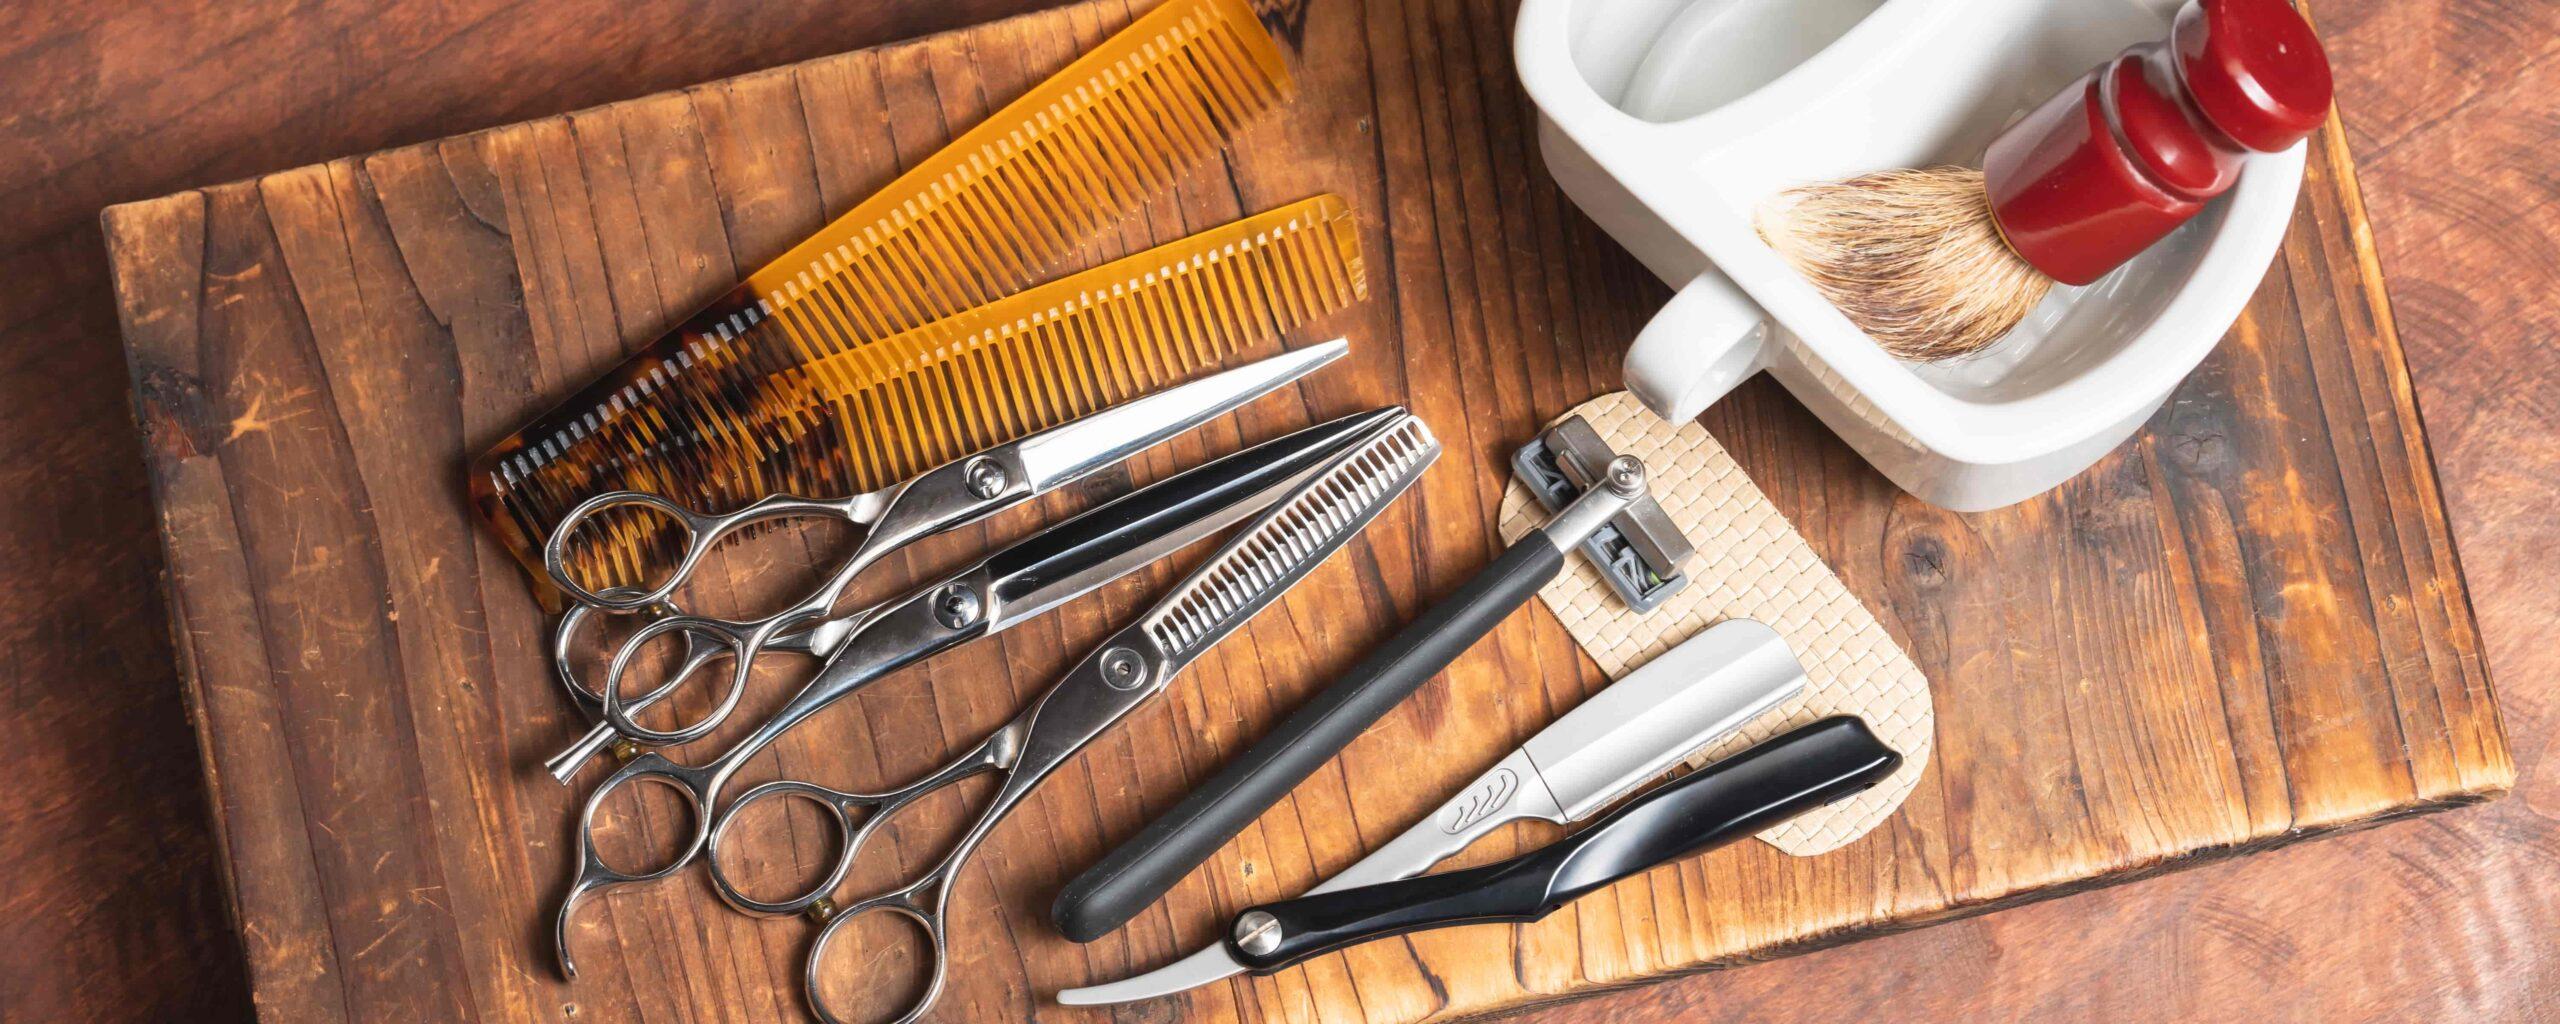 脱臭効果によって髪を染める染色剤等の気になる臭いも緩和される